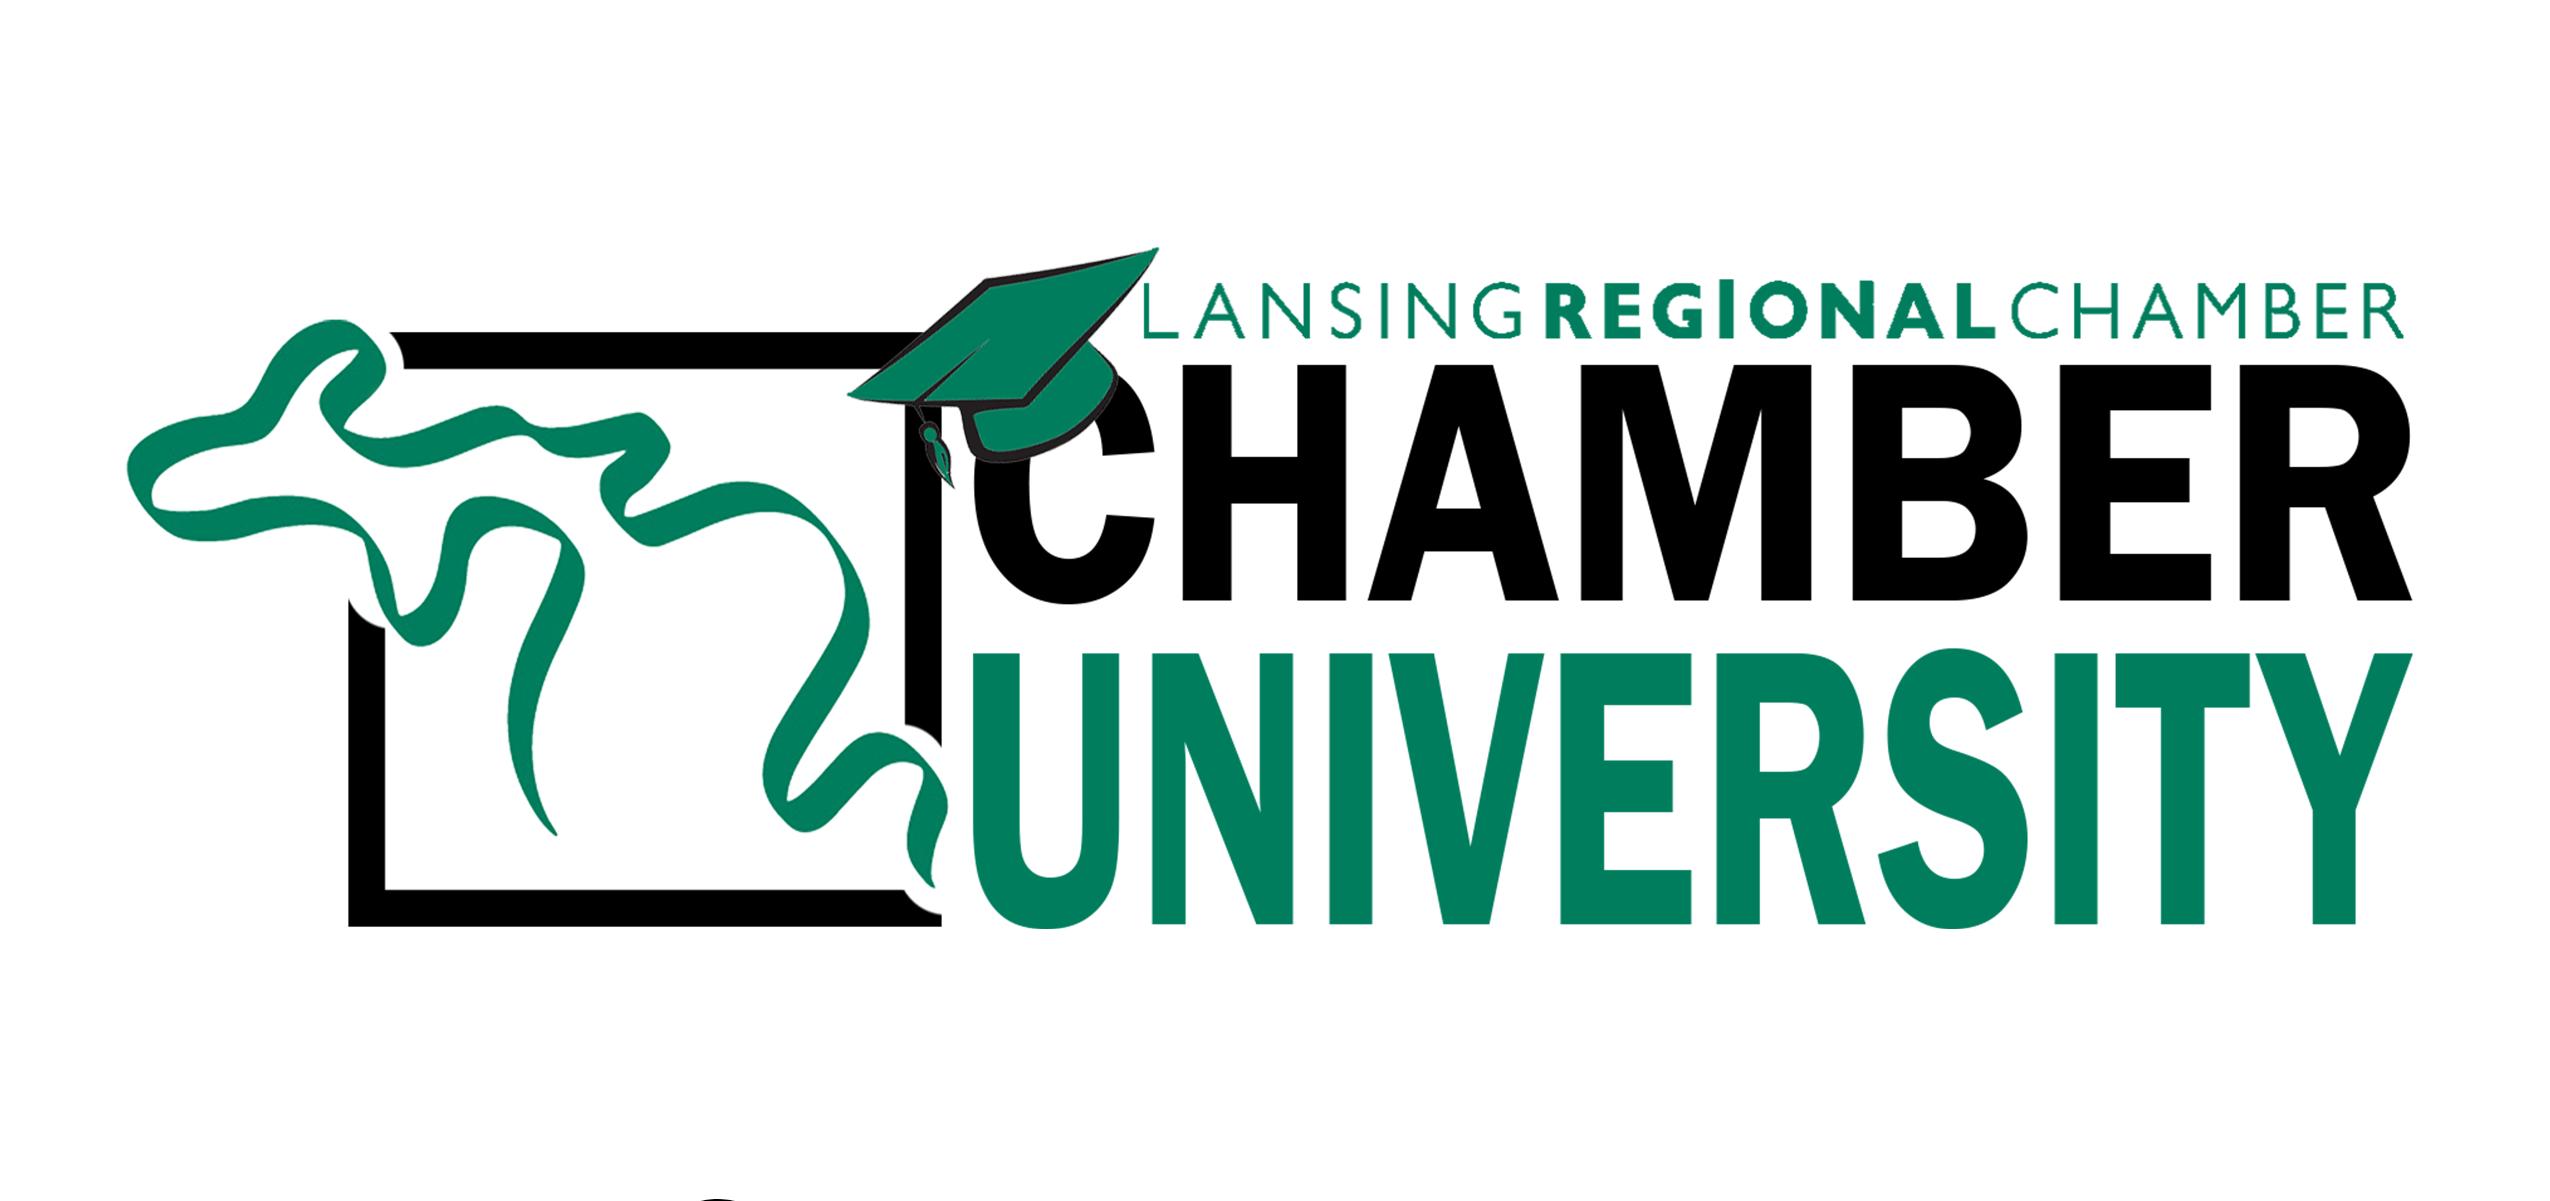 Lansing Regional Chamber of Commerce